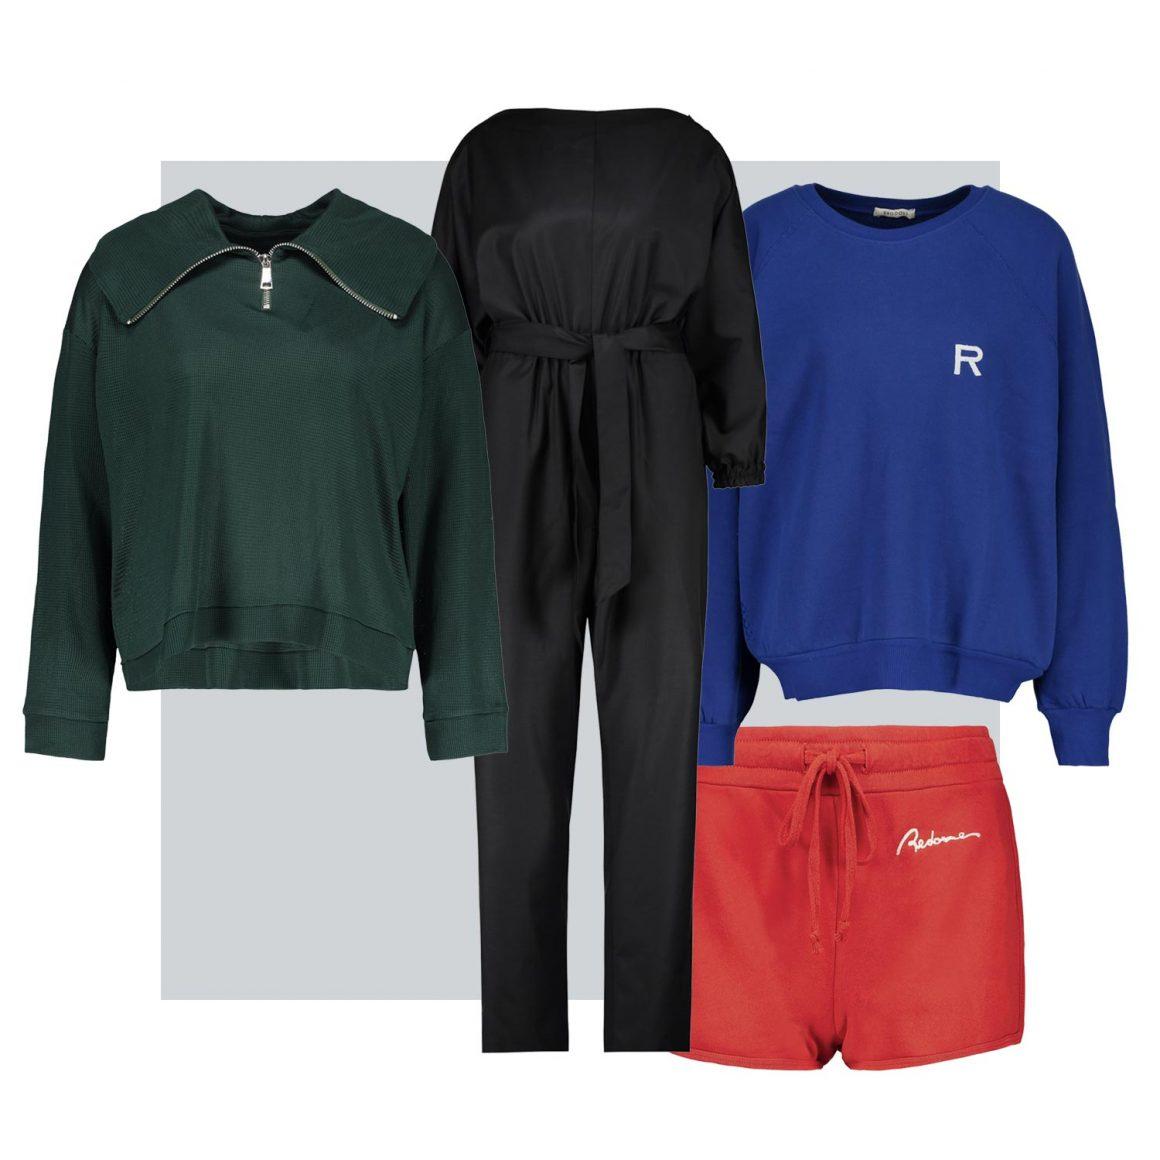 Sélection d'articles loungewear à retrouver chez Jane de Boy